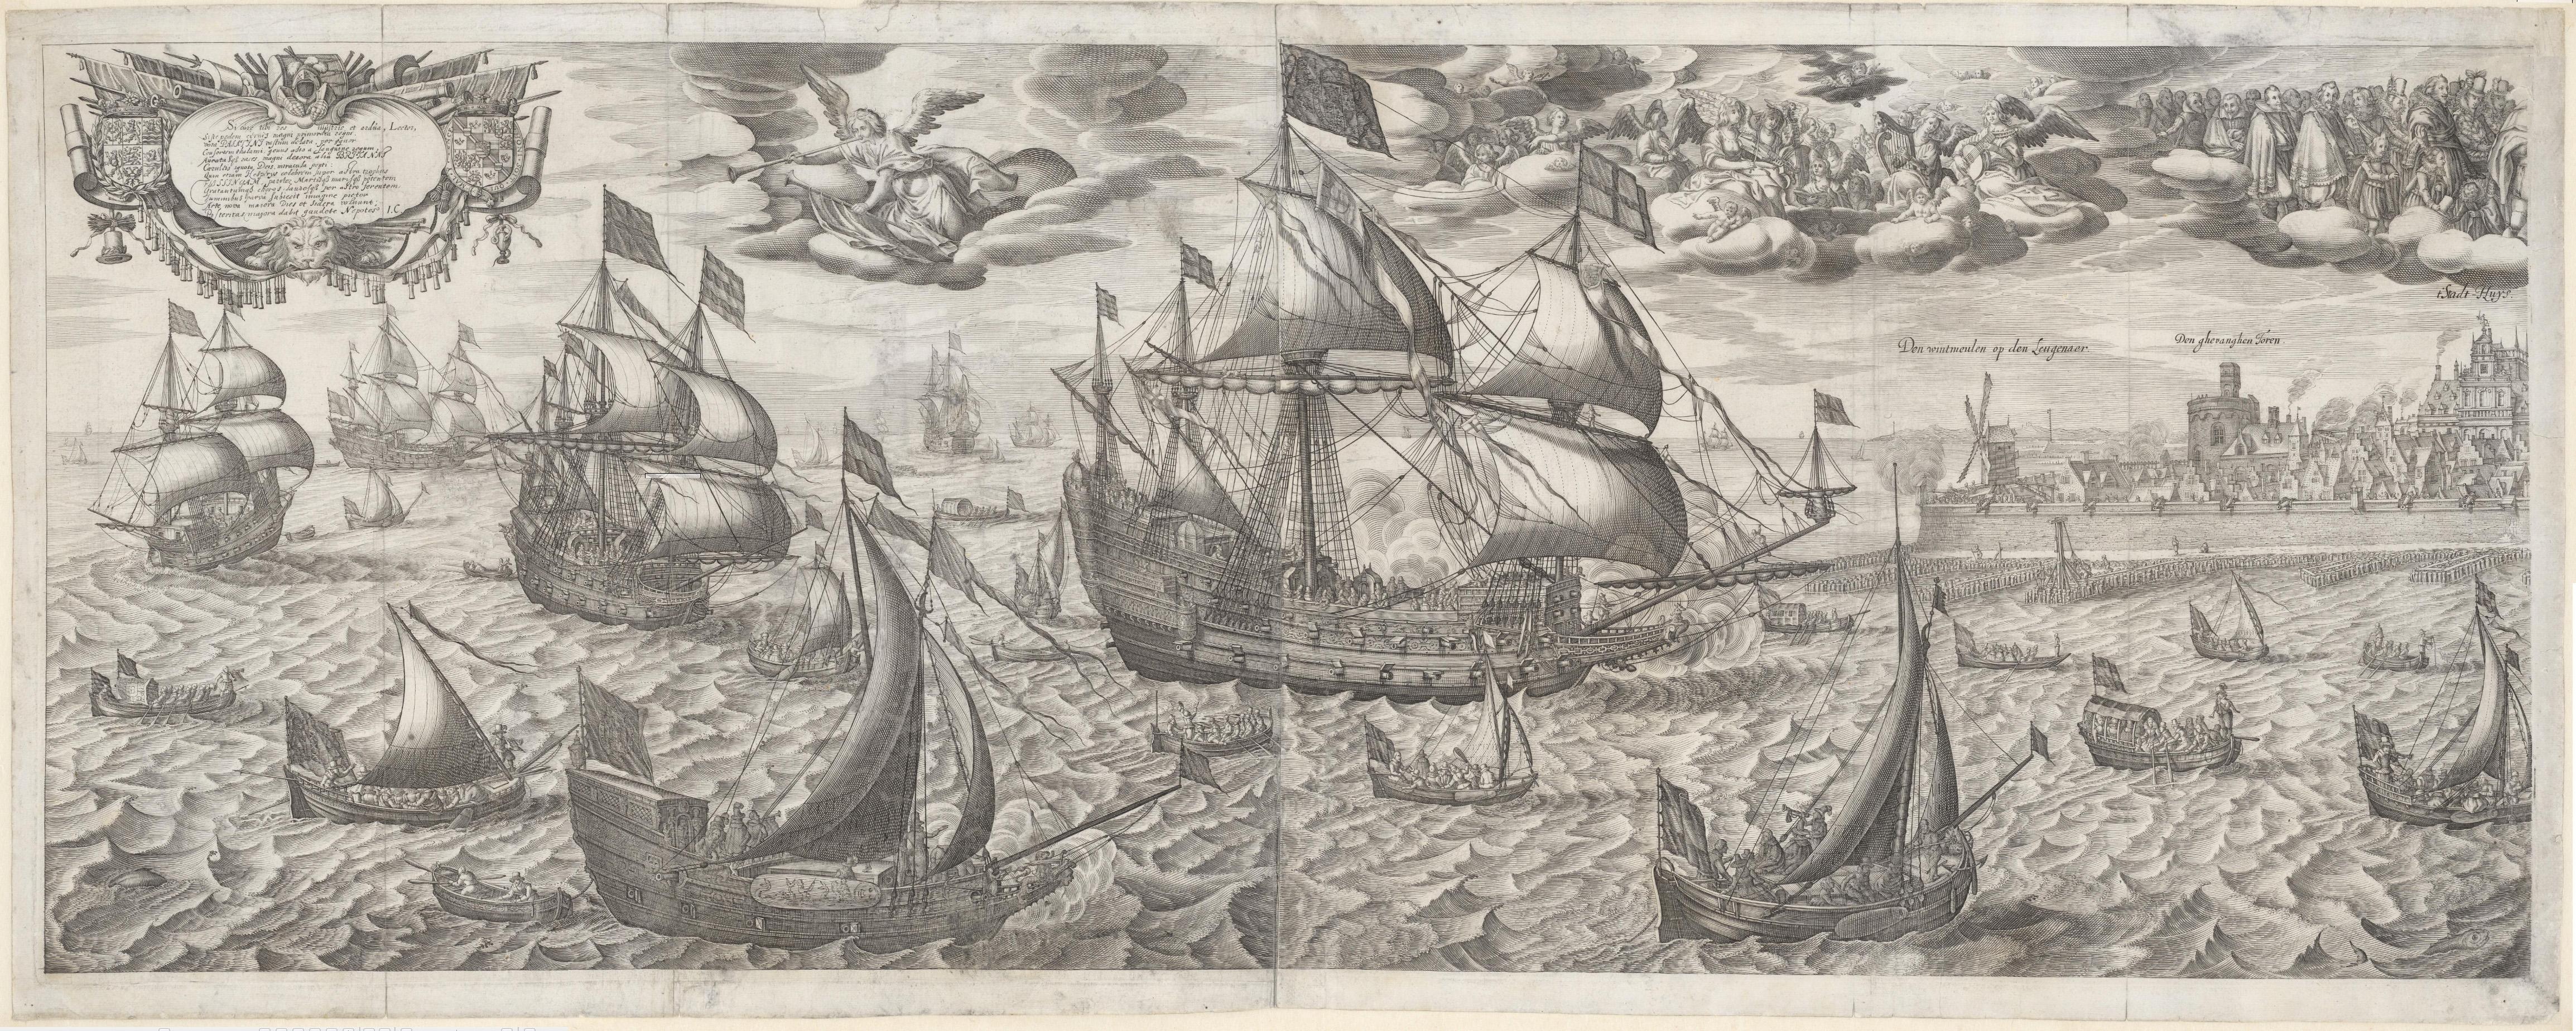 File:Vlissingen 1613 18 v d Venne L.jpg